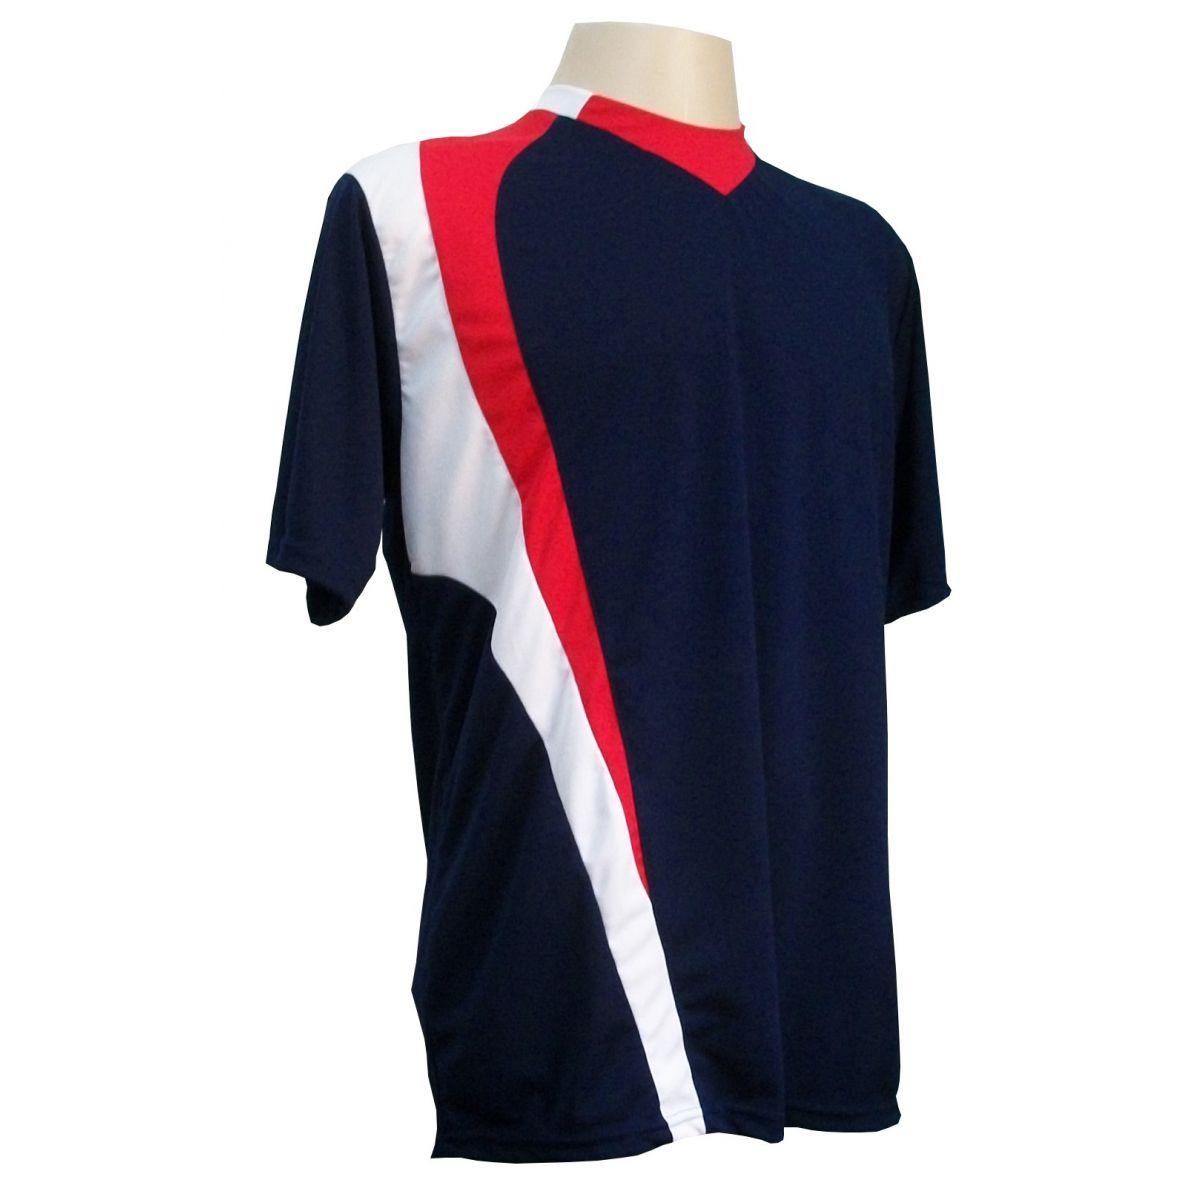 Jogo de Camisa com 14 unidades modelo PSG Marinho/Vermelho/Branco + Brindes